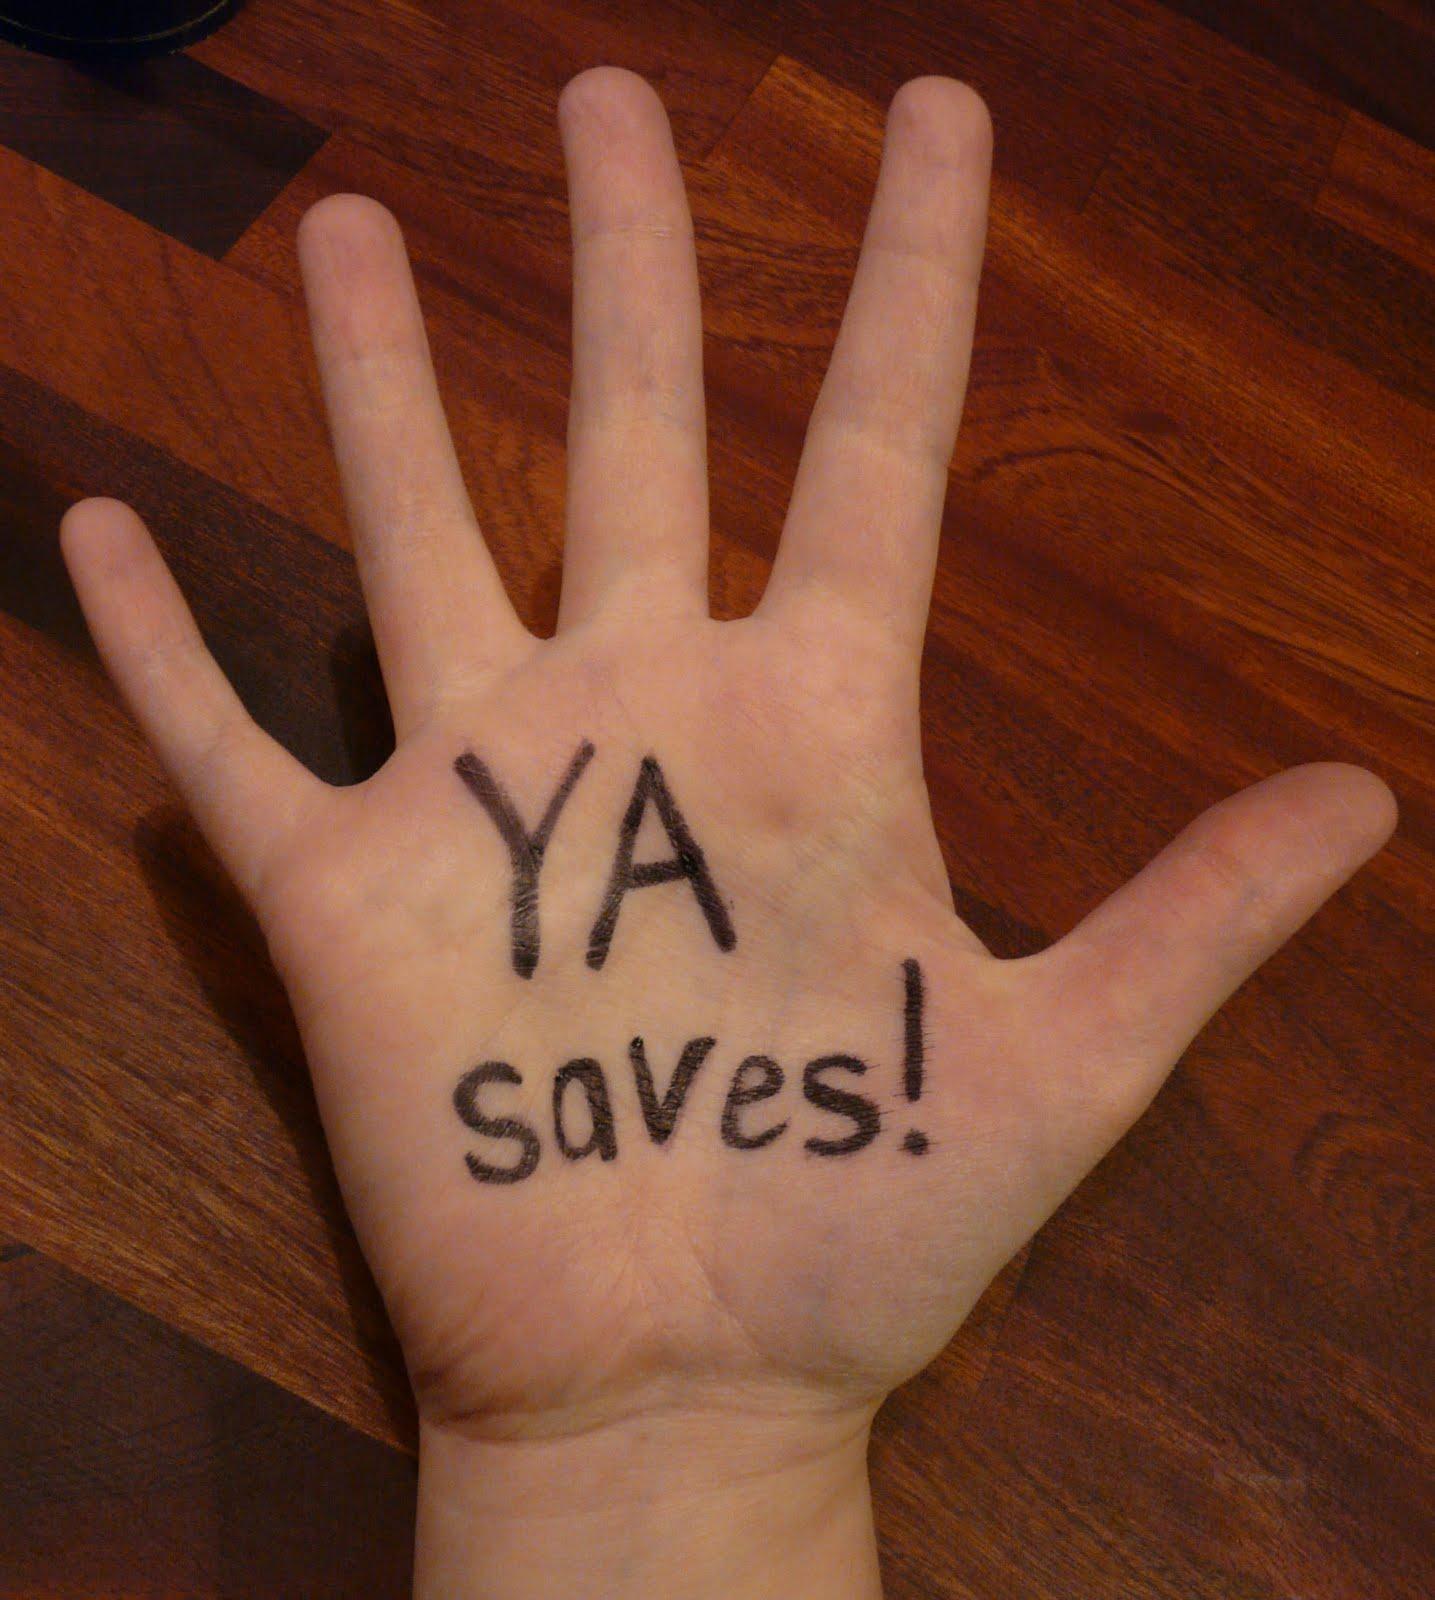 YA Saves